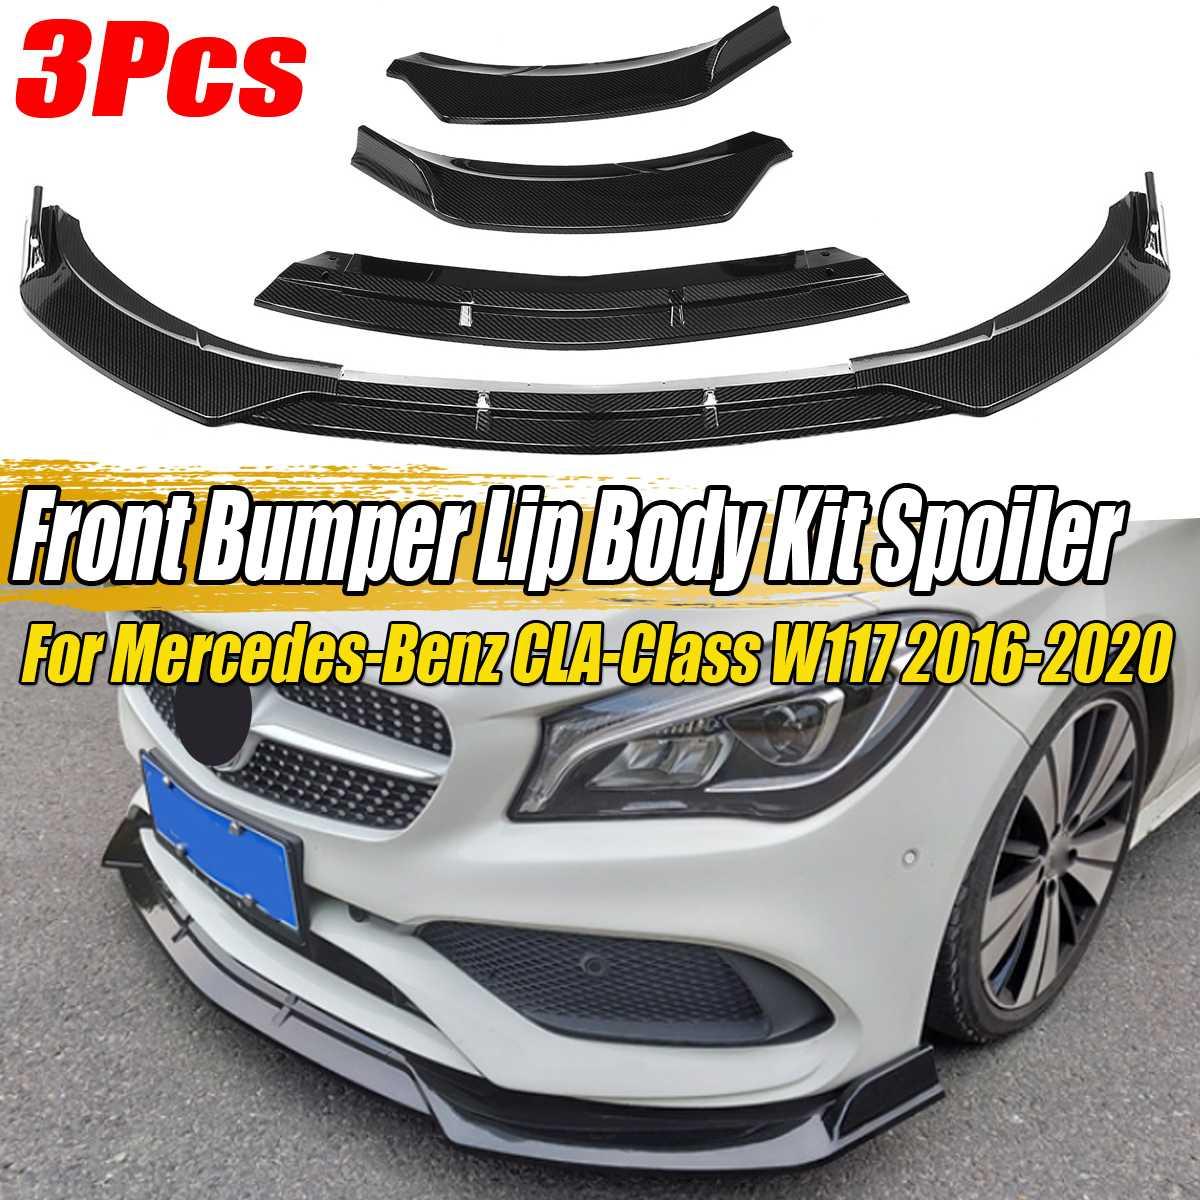 3 pces amortecedor dianteiro do carro splitter lábio spoiler difusor guarda proteção capa guarnição para mercedes para benz cla-classe w117 2016-2020